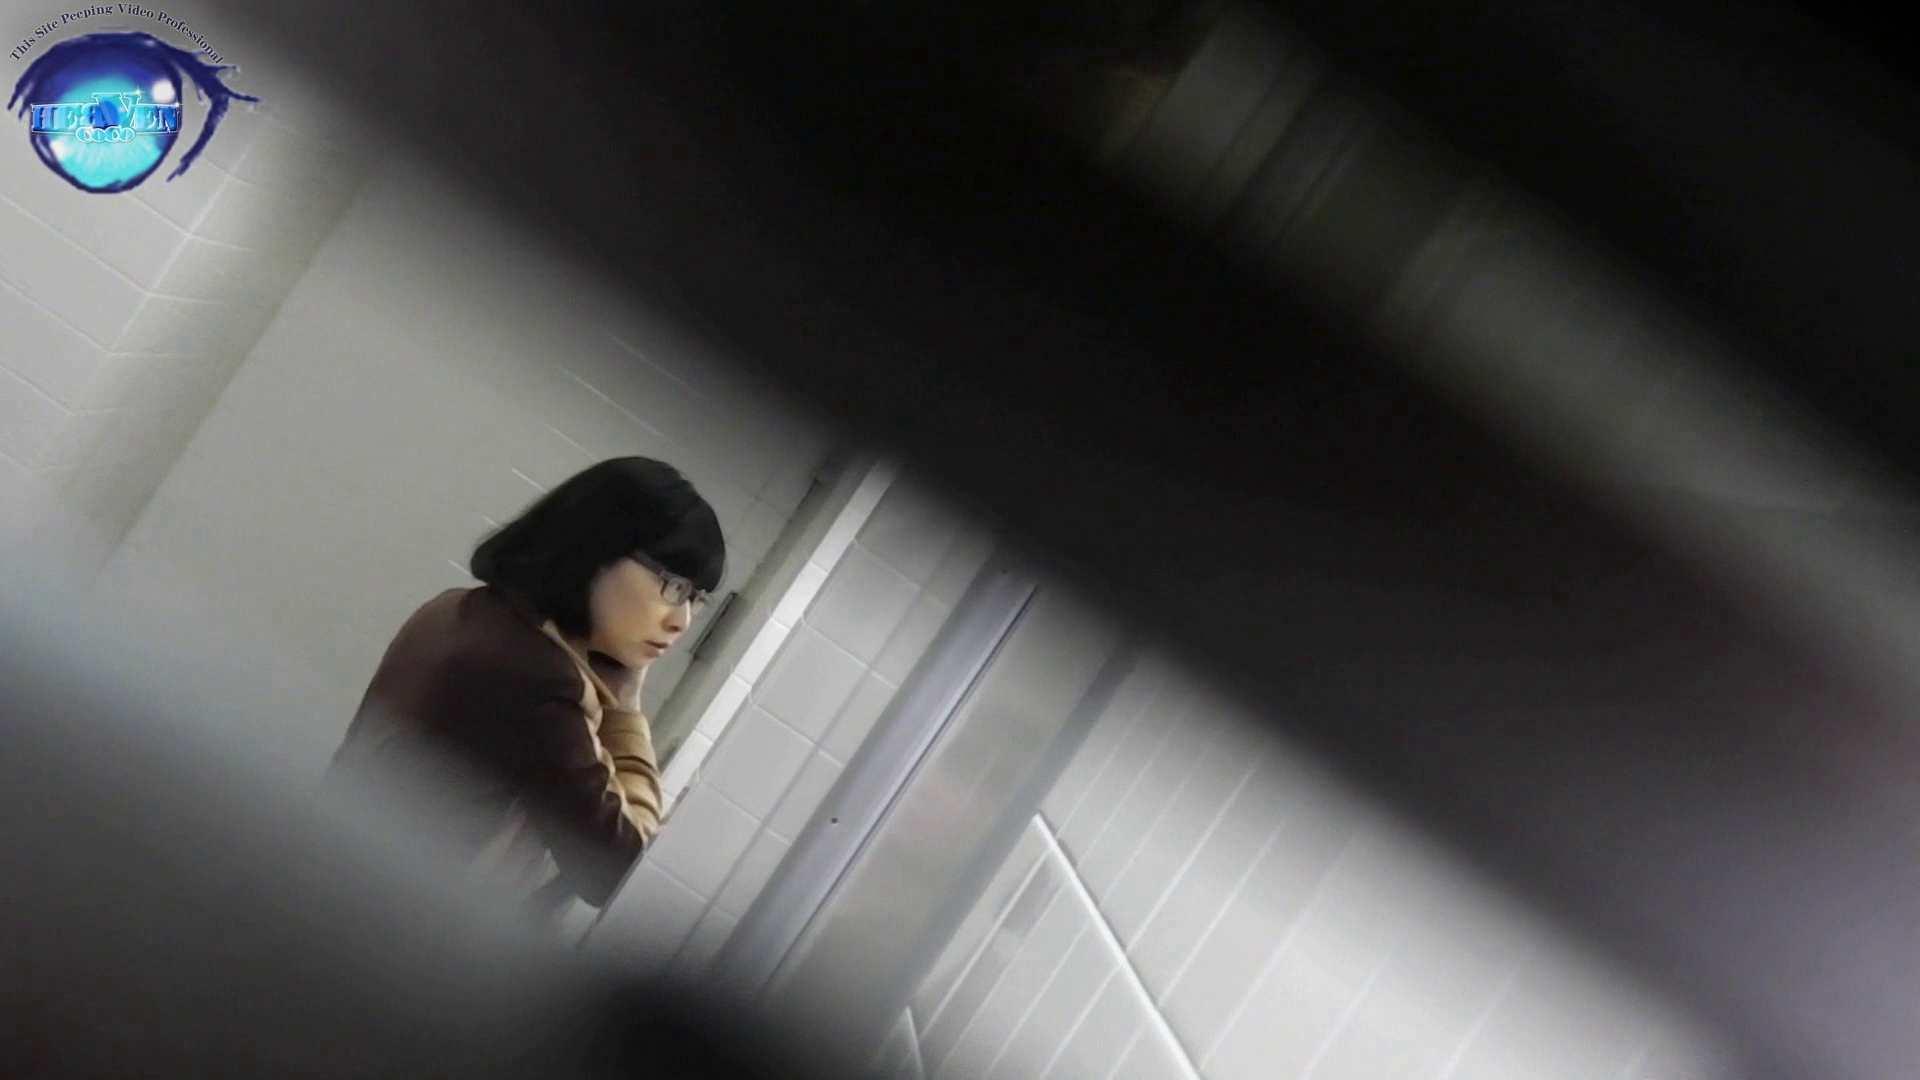 お銀さん vol.59 ピンチ!!「鏡の前で祈る女性」にばれる危機 前編 おまんこ見放題  83PIX 18